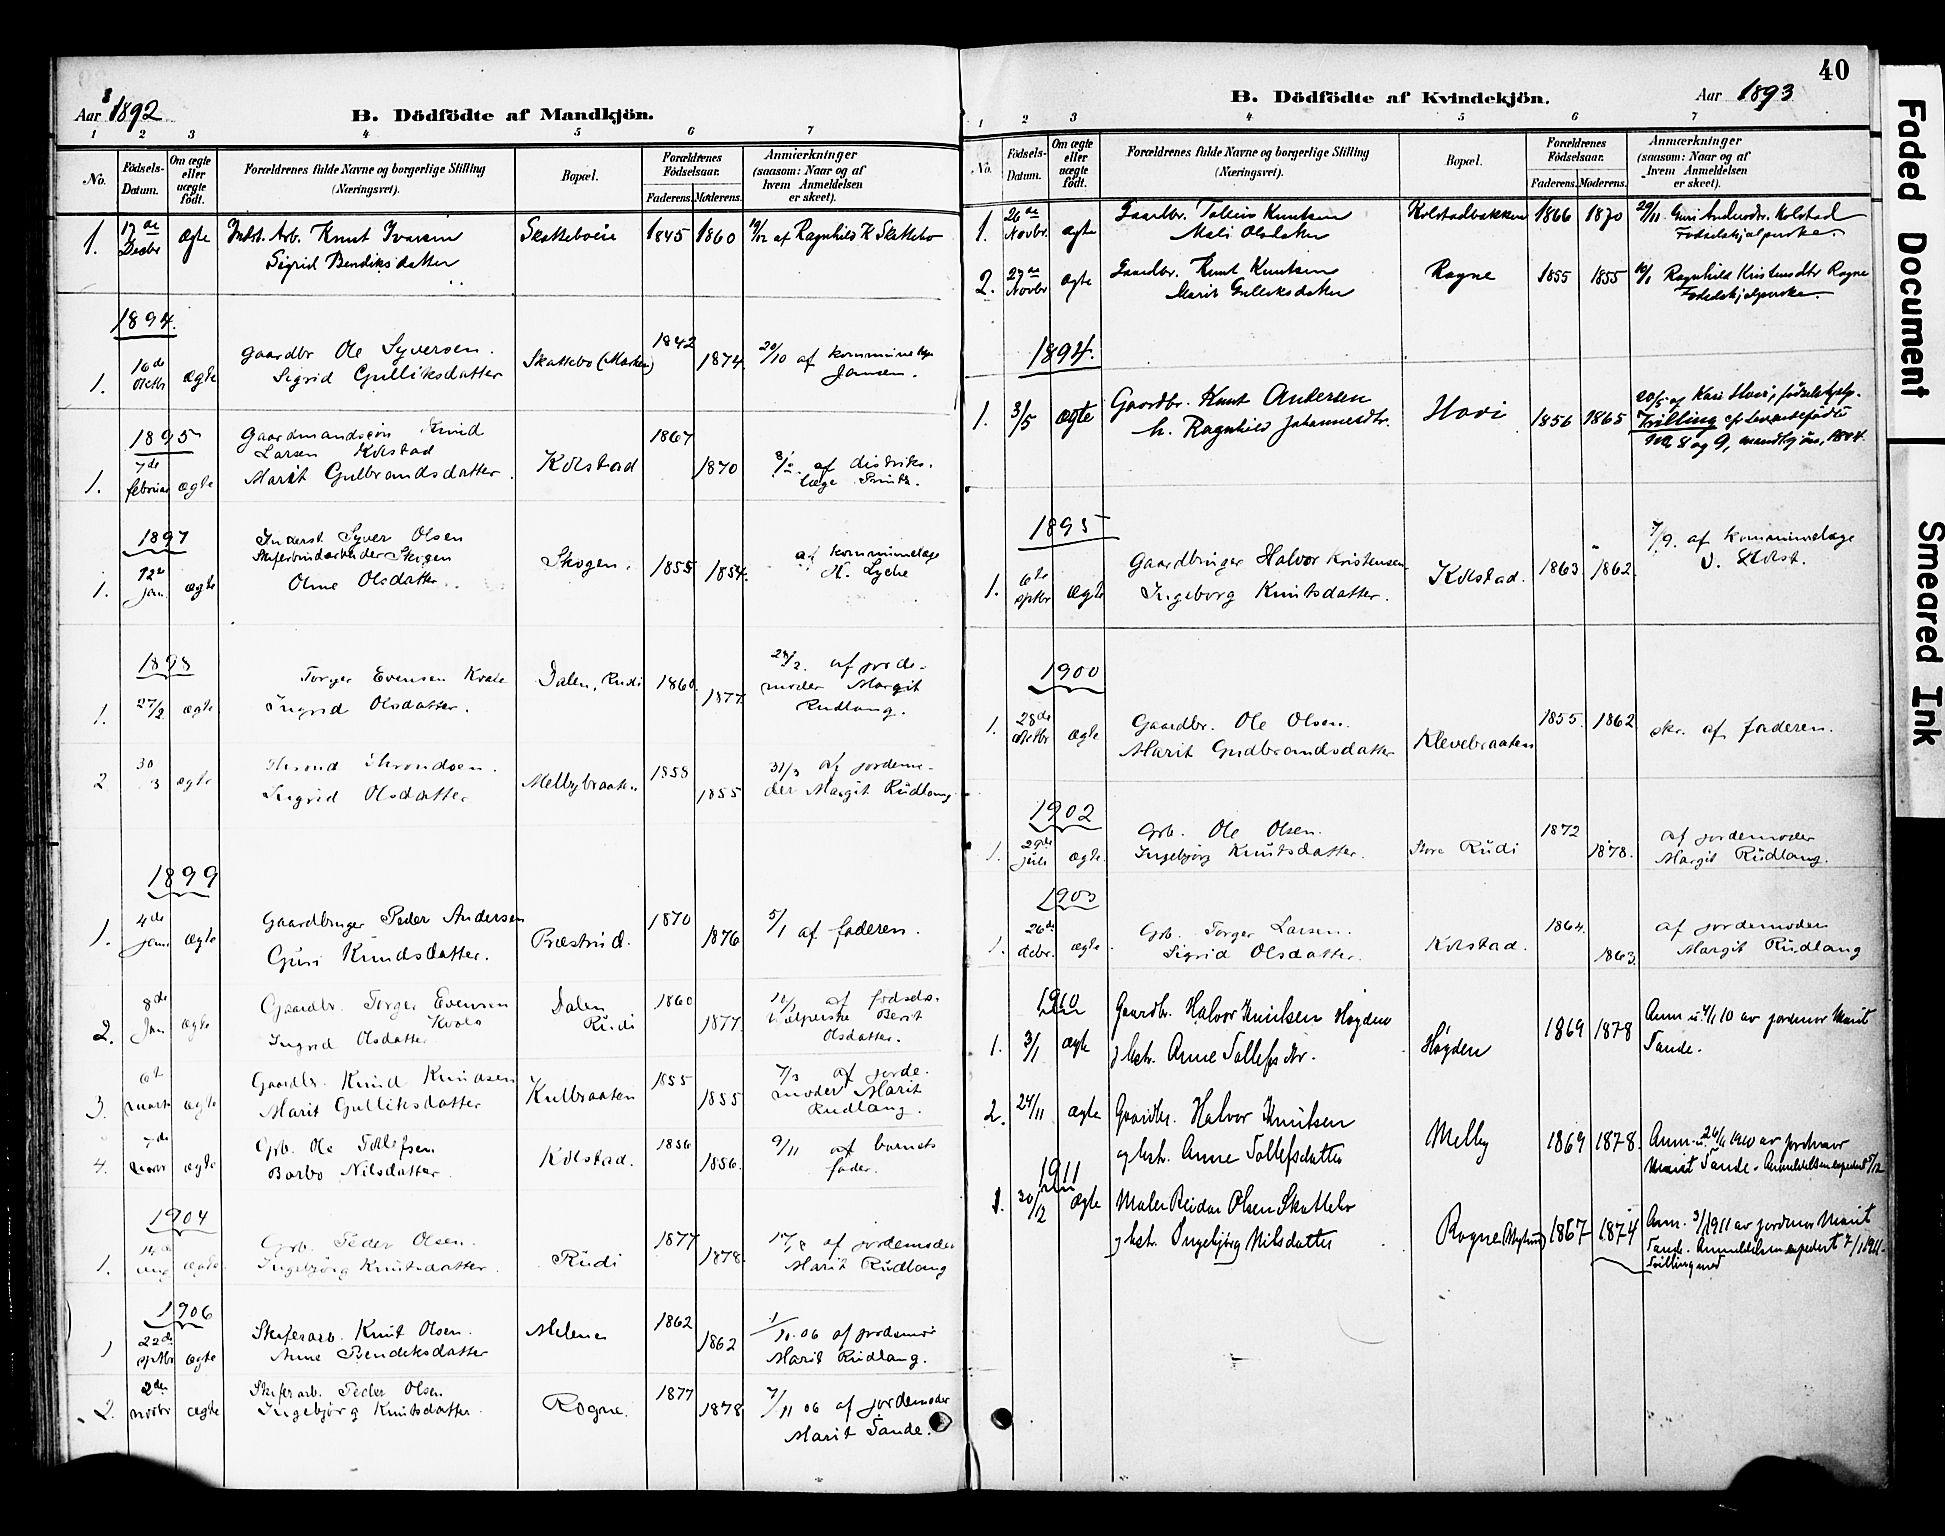 SAH, Øystre Slidre prestekontor, Ministerialbok nr. 3, 1887-1910, s. 40